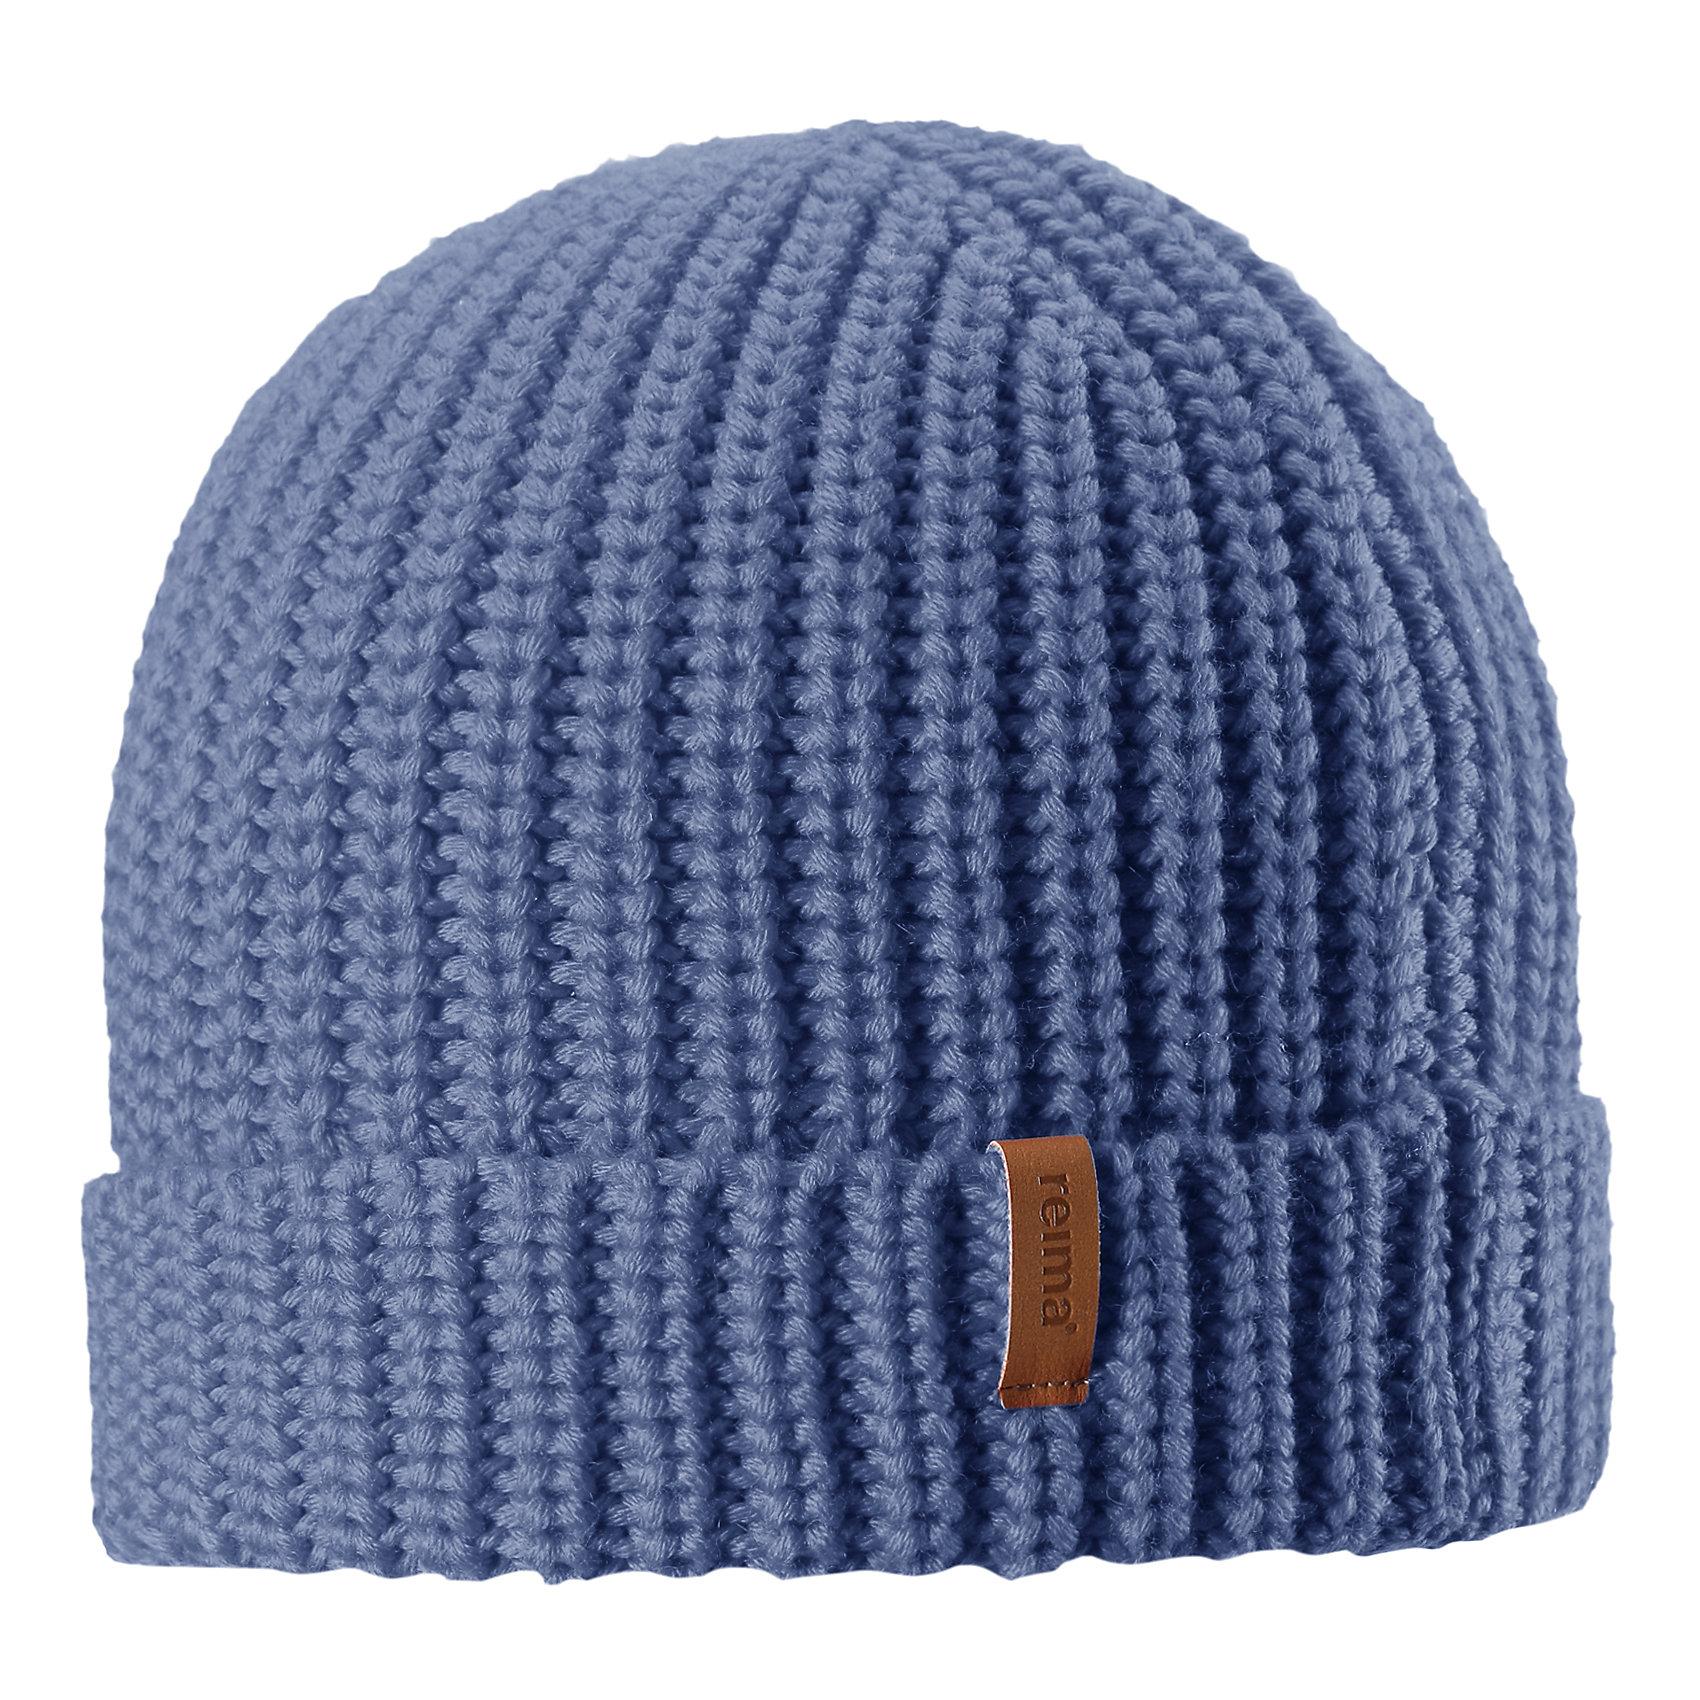 Шапка Vanttuu ReimaГоловные уборы<br>Детская шапка из теплого полушерстяного трикотажа. Шерсть – превосходный терморегулятор. Облегченная модель без подкладки. Оригинальный структурный узор дополняет образ.<br>Состав:<br>50% Шерсть, 50% Полиакрил<br><br>Ширина мм: 89<br>Глубина мм: 117<br>Высота мм: 44<br>Вес г: 155<br>Цвет: синий<br>Возраст от месяцев: 72<br>Возраст до месяцев: 84<br>Пол: Унисекс<br>Возраст: Детский<br>Размер: 54-56,50-52<br>SKU: 6902532